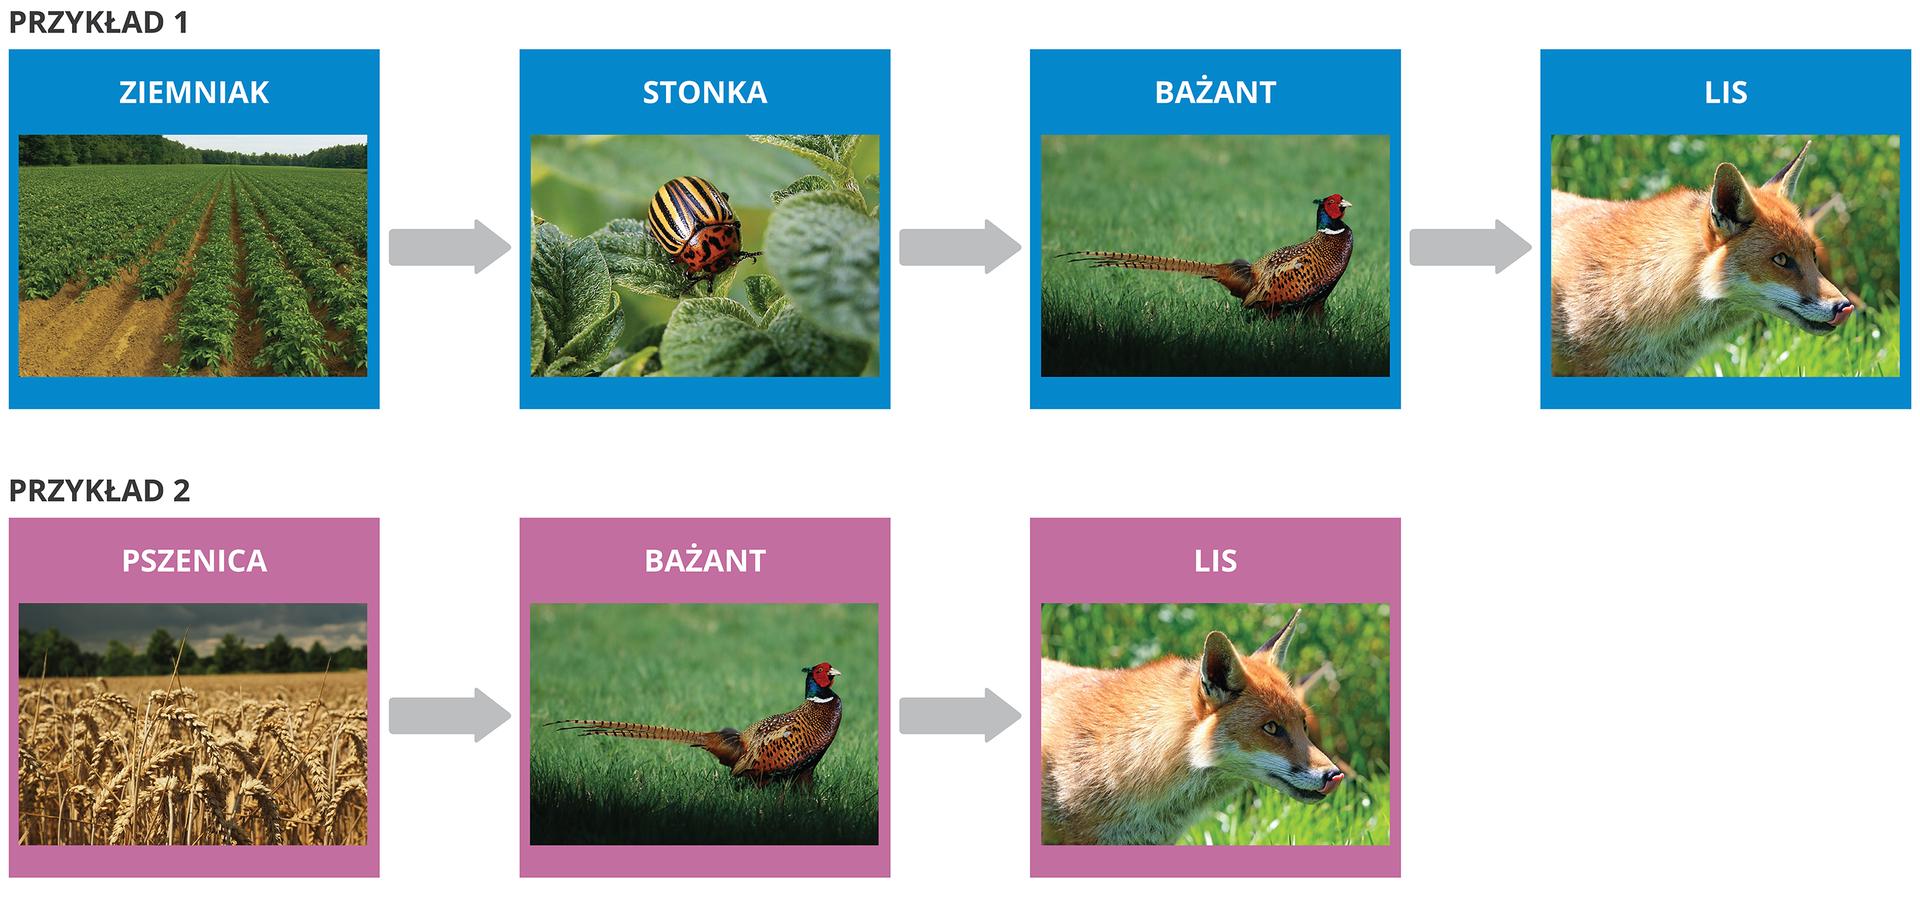 Przykład I: ziemniak → stonka → bażant → lis Przykład II: pszenica → bażant → lis